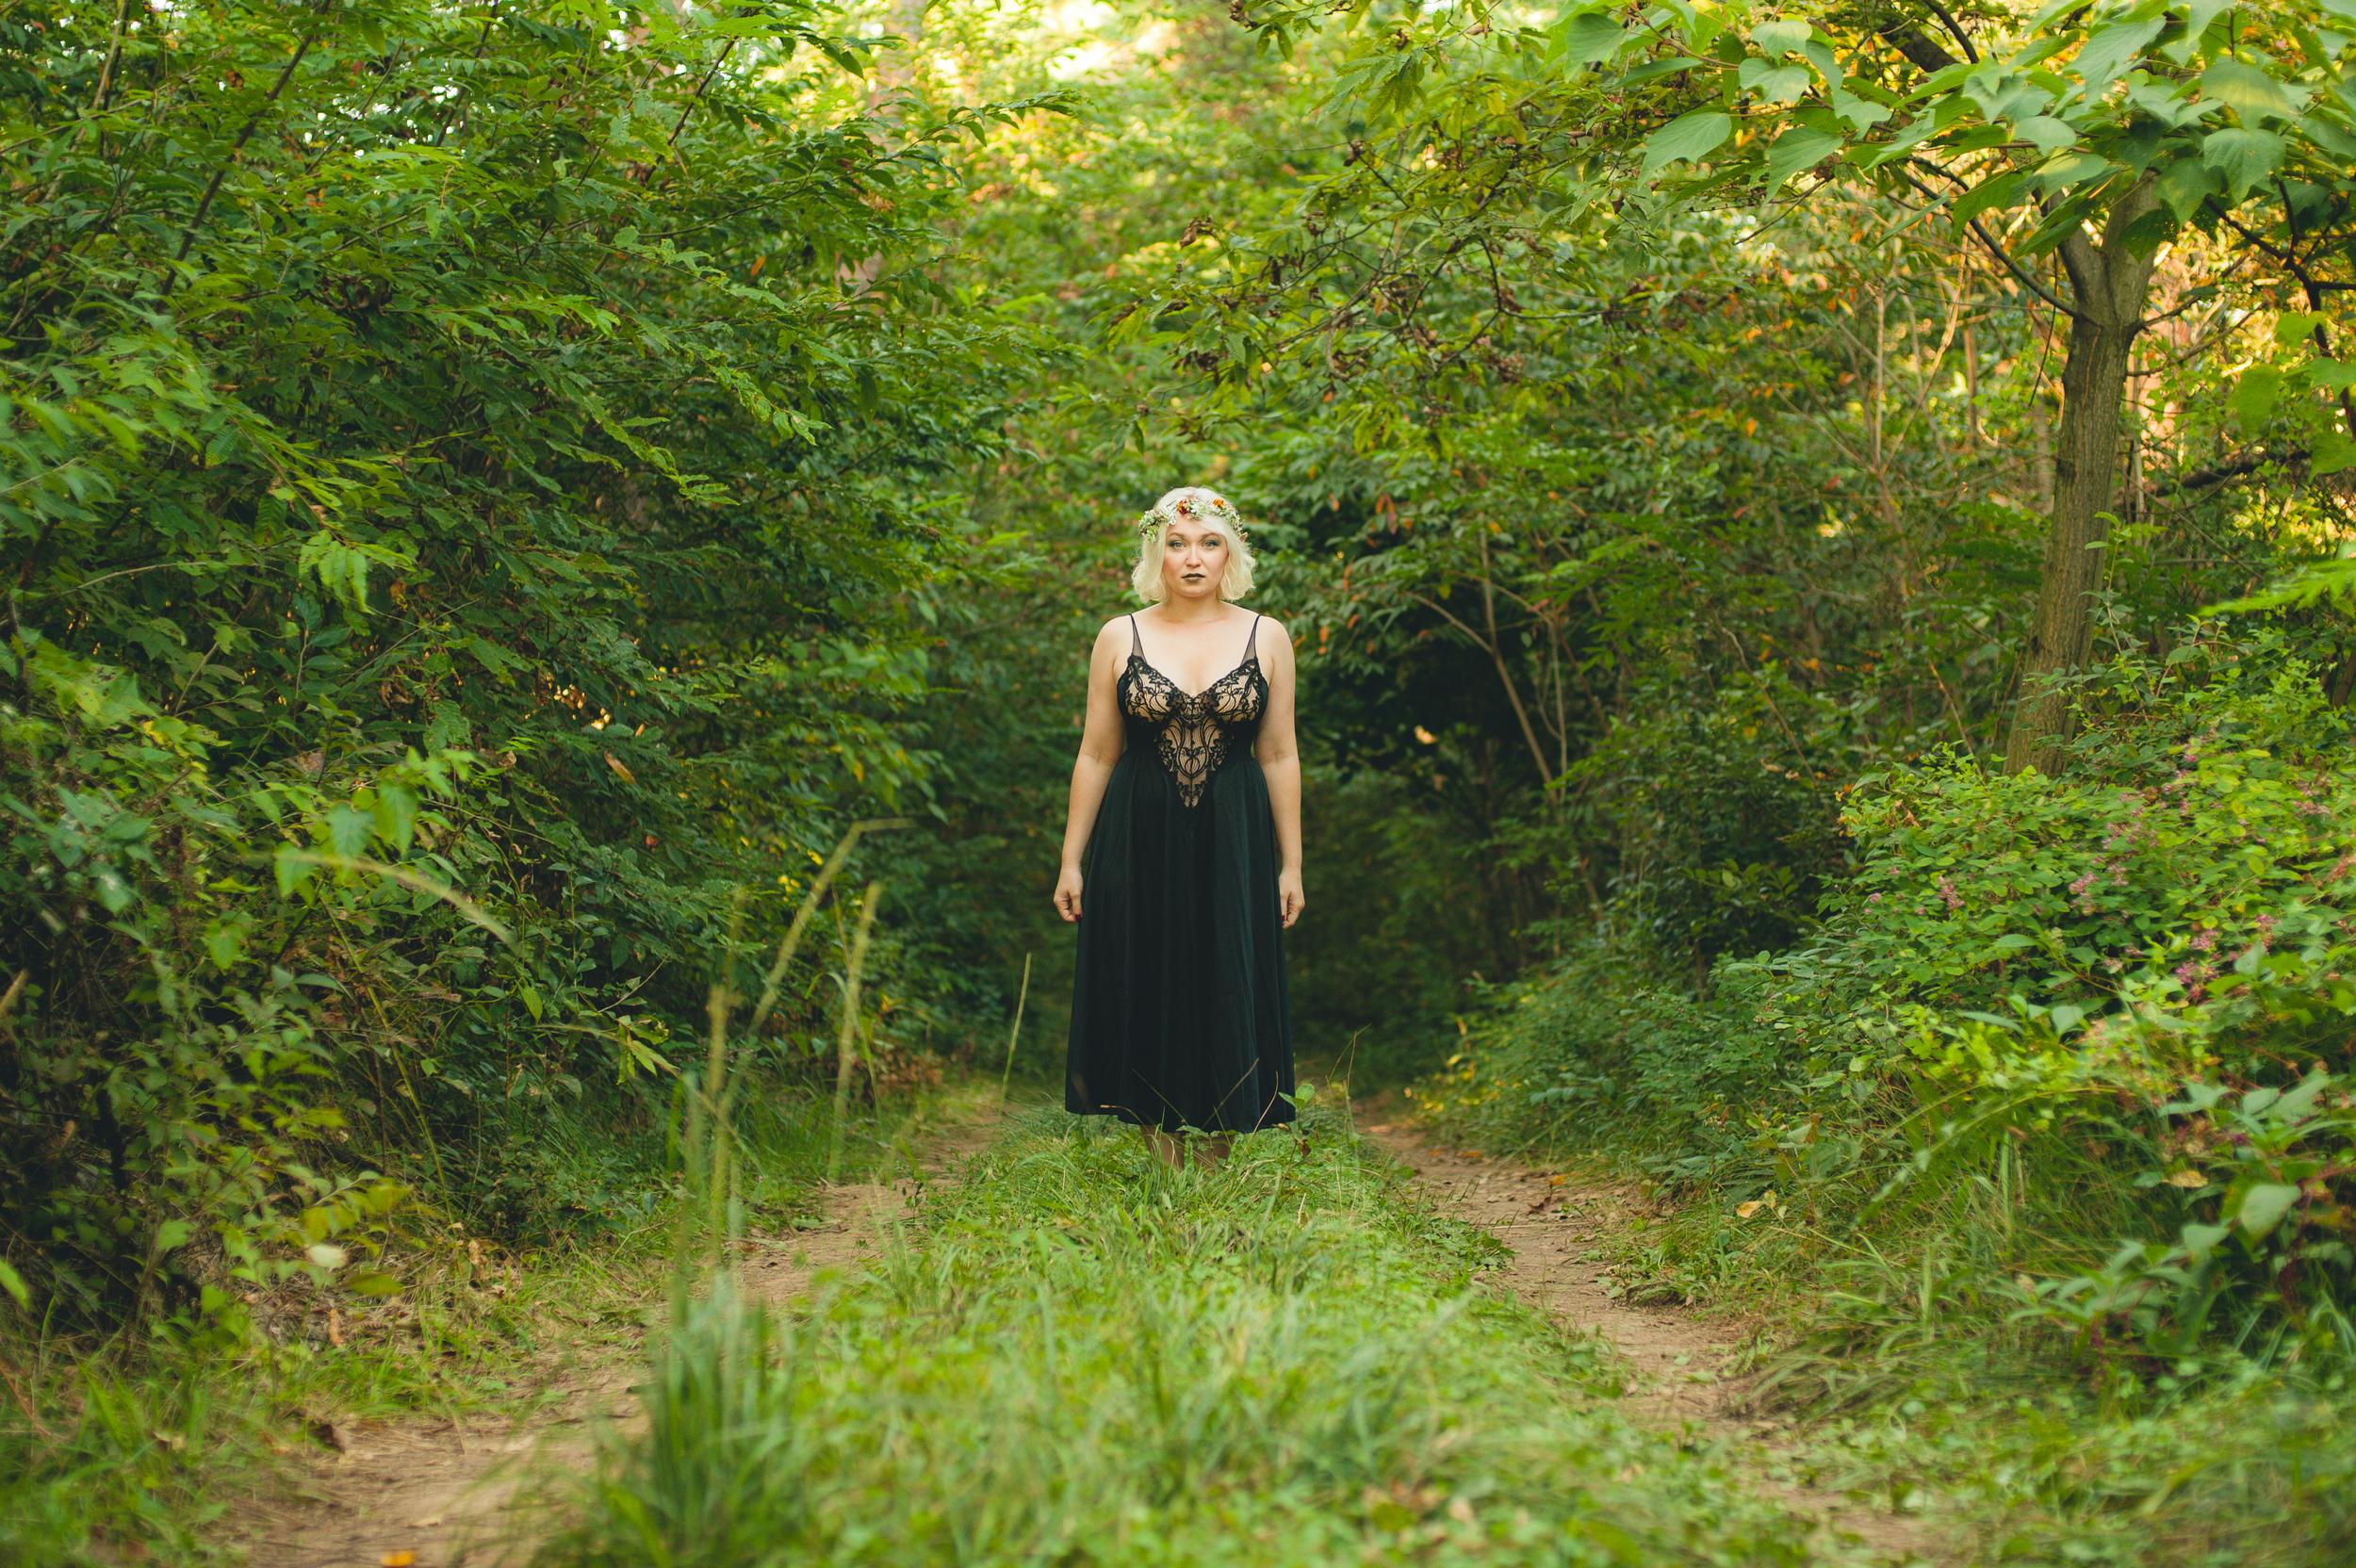 FairyStyledShootSouthKorea (27 of 95).jpg